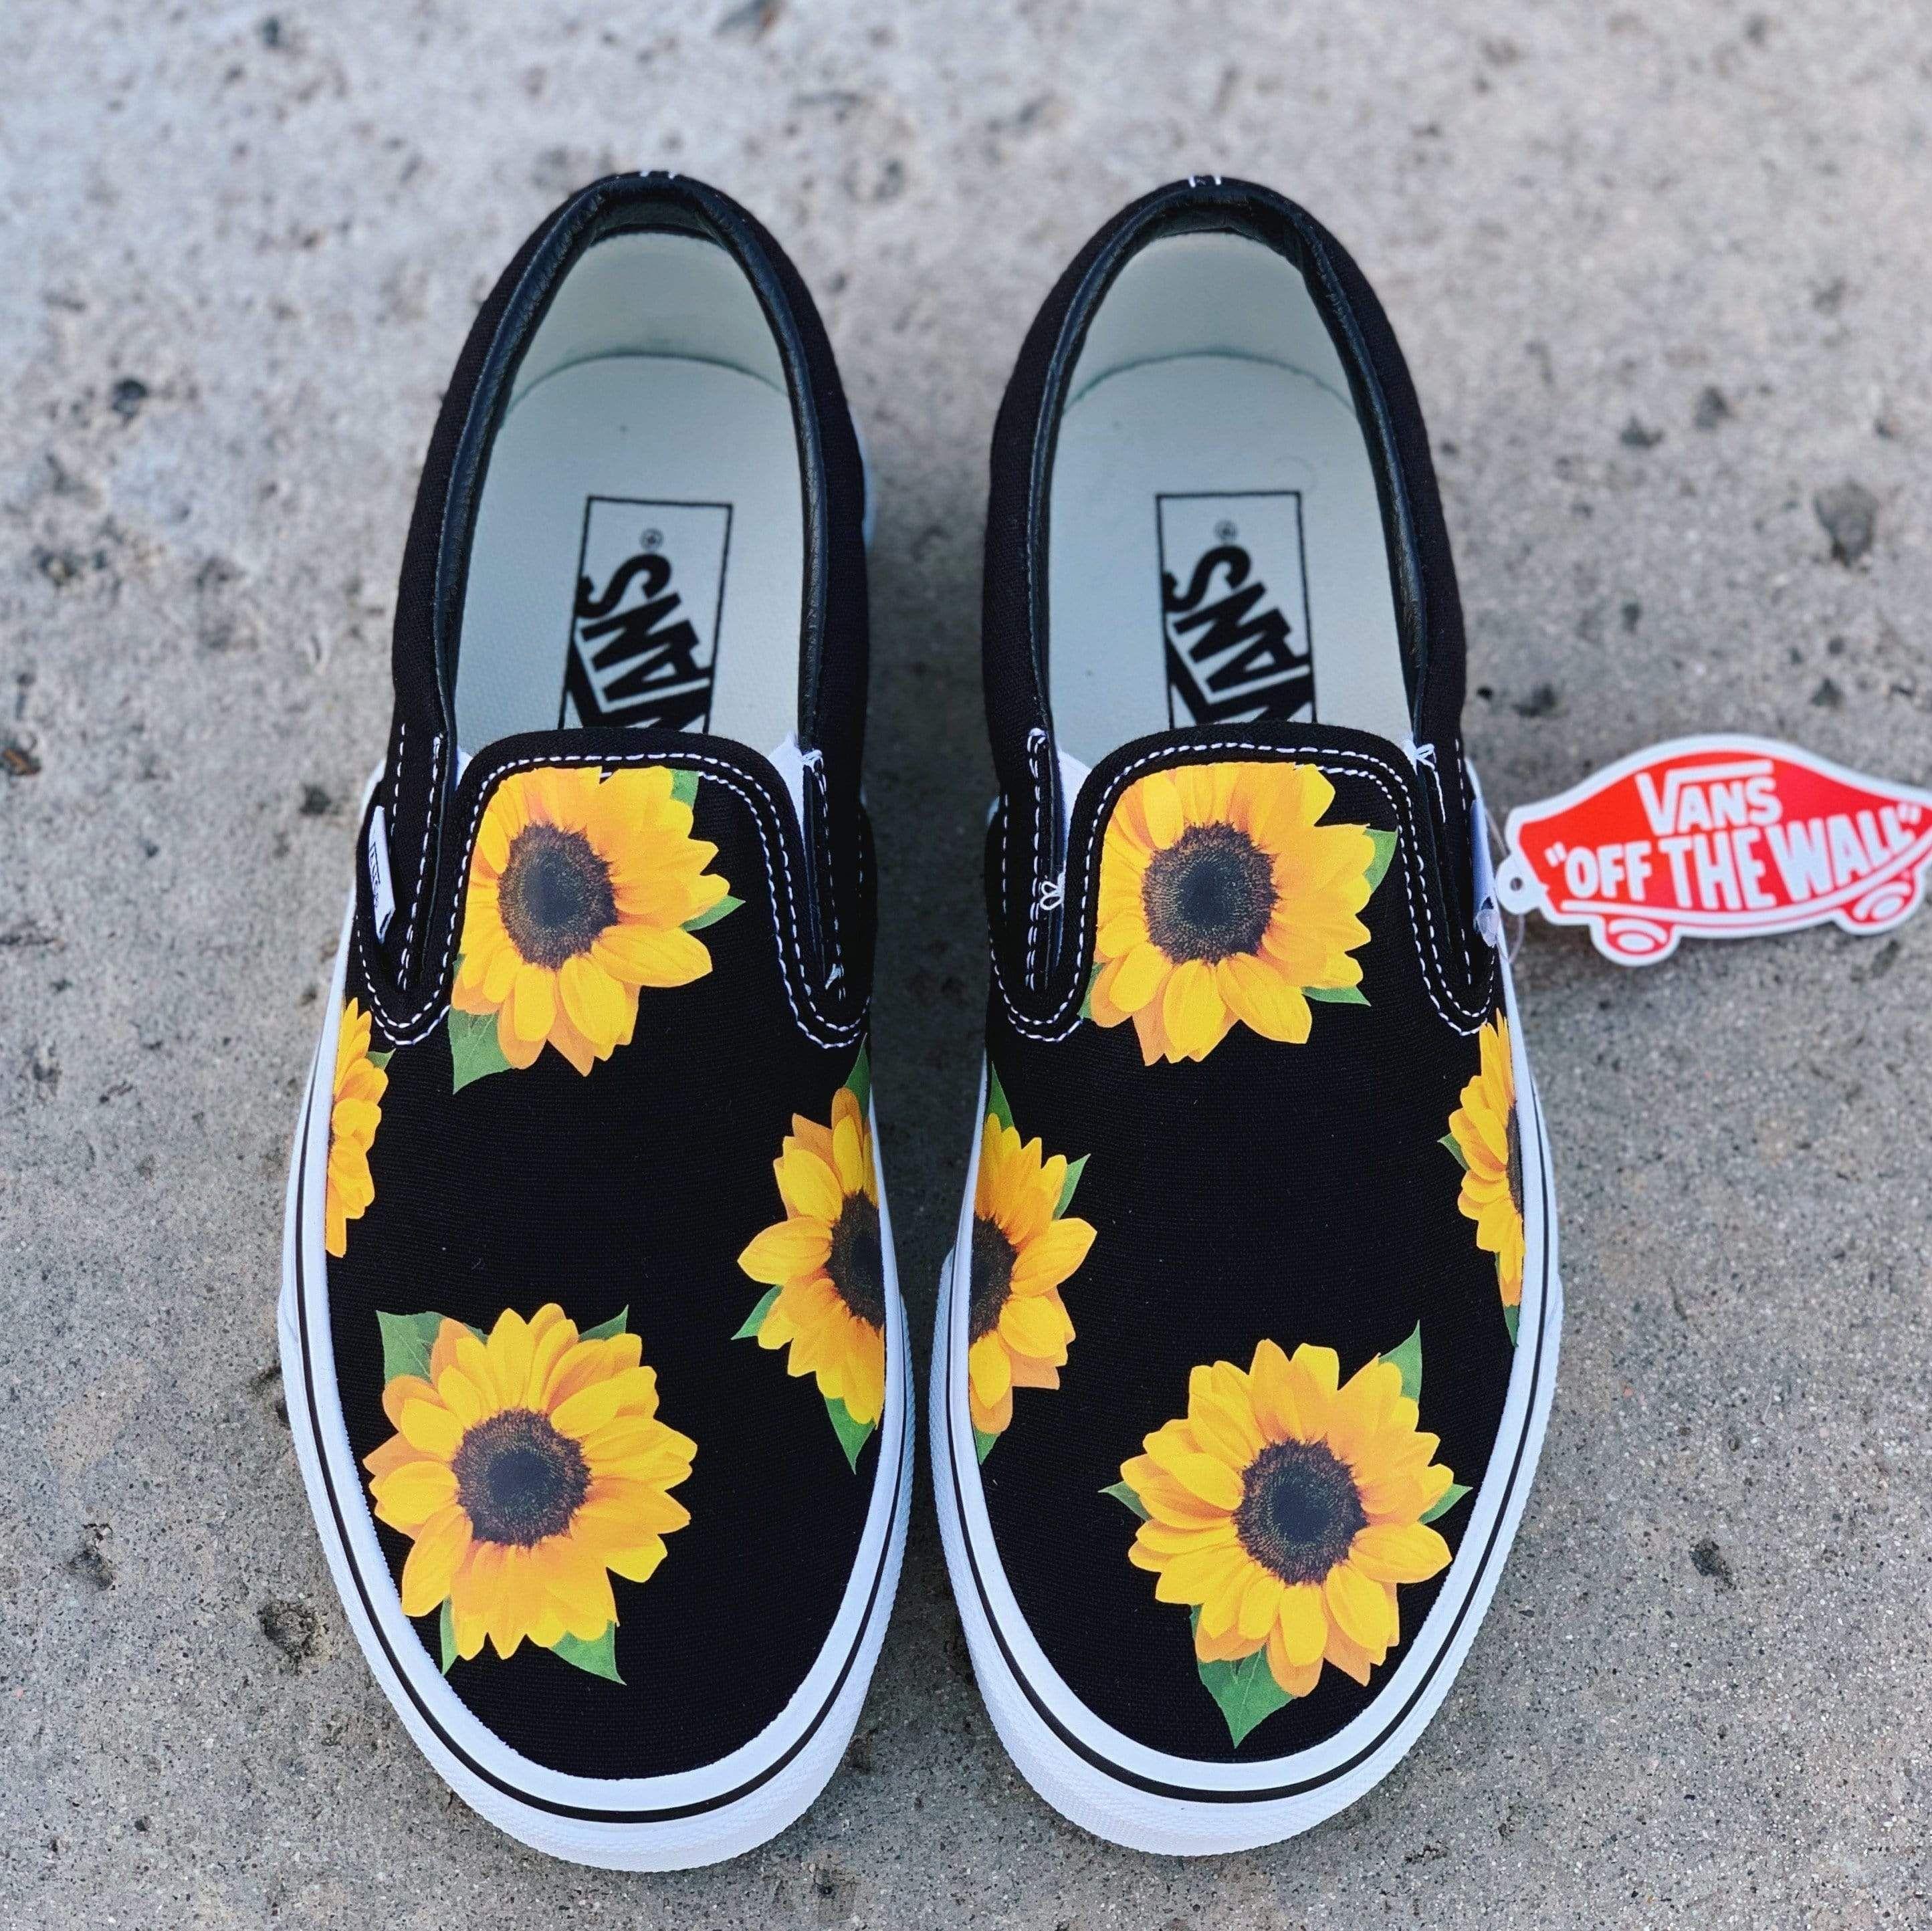 Vans slip on shoes, Custom vans shoes